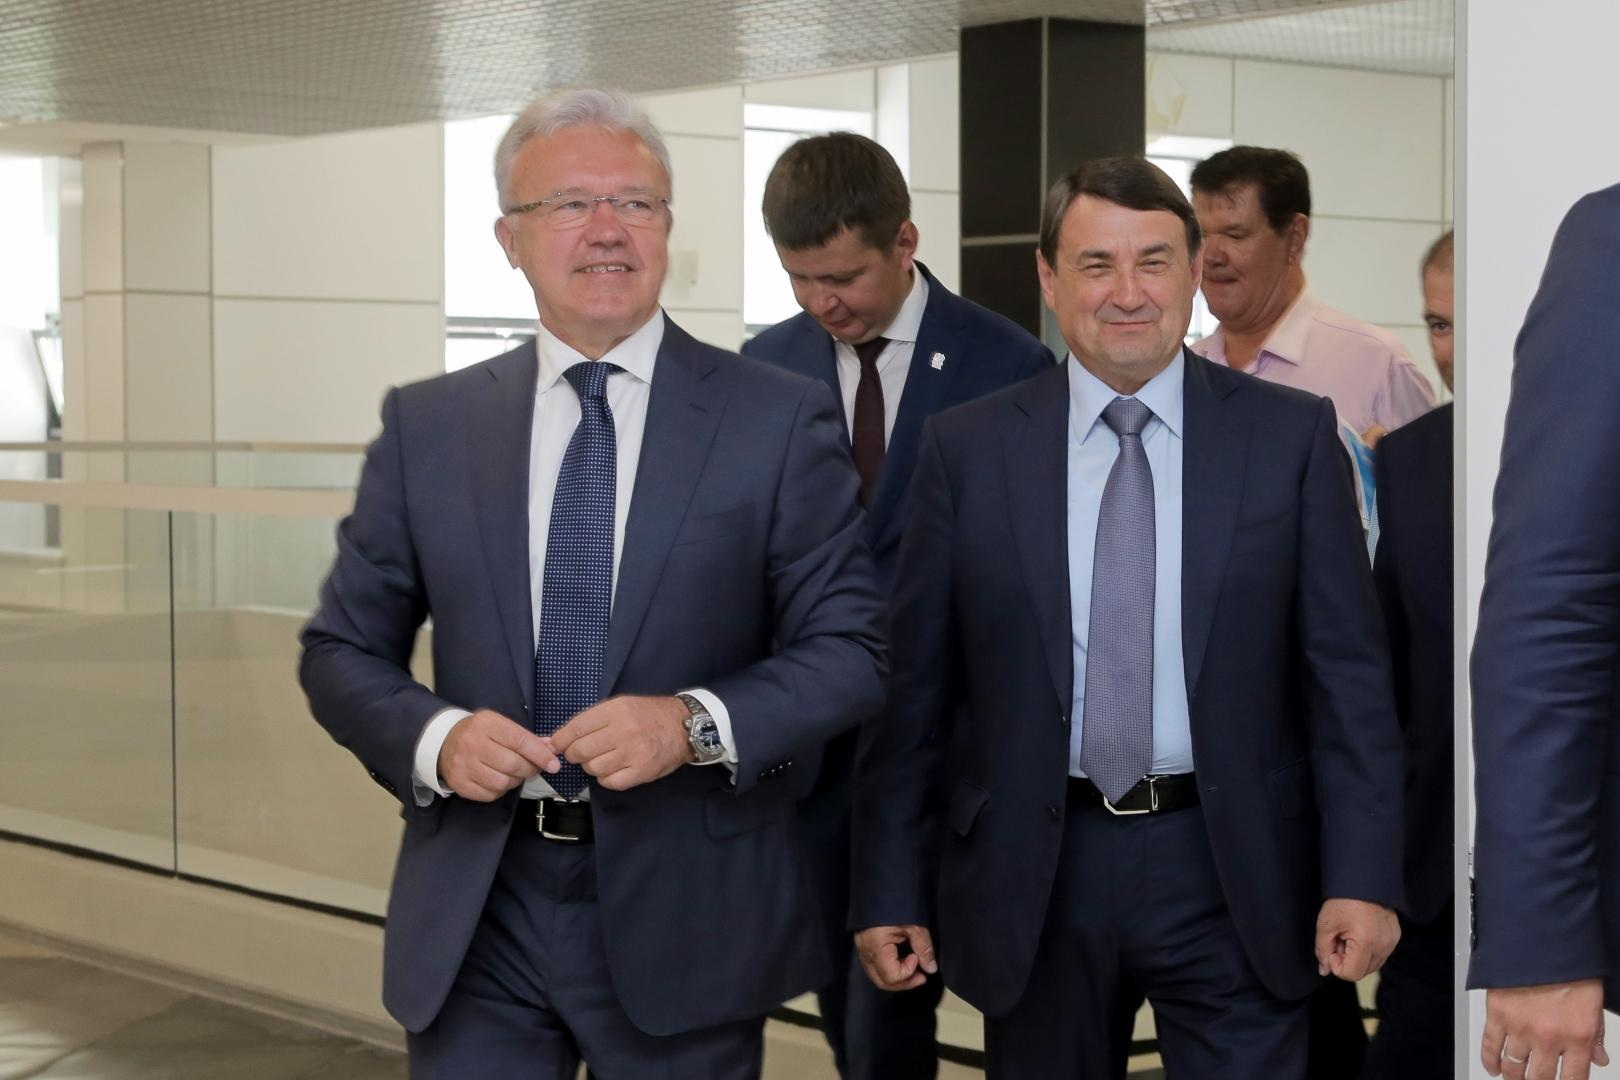 Врио губернатора Красноярского края Александр Усс (слева) и помощник президента Российской Федерации Игорь Левитин